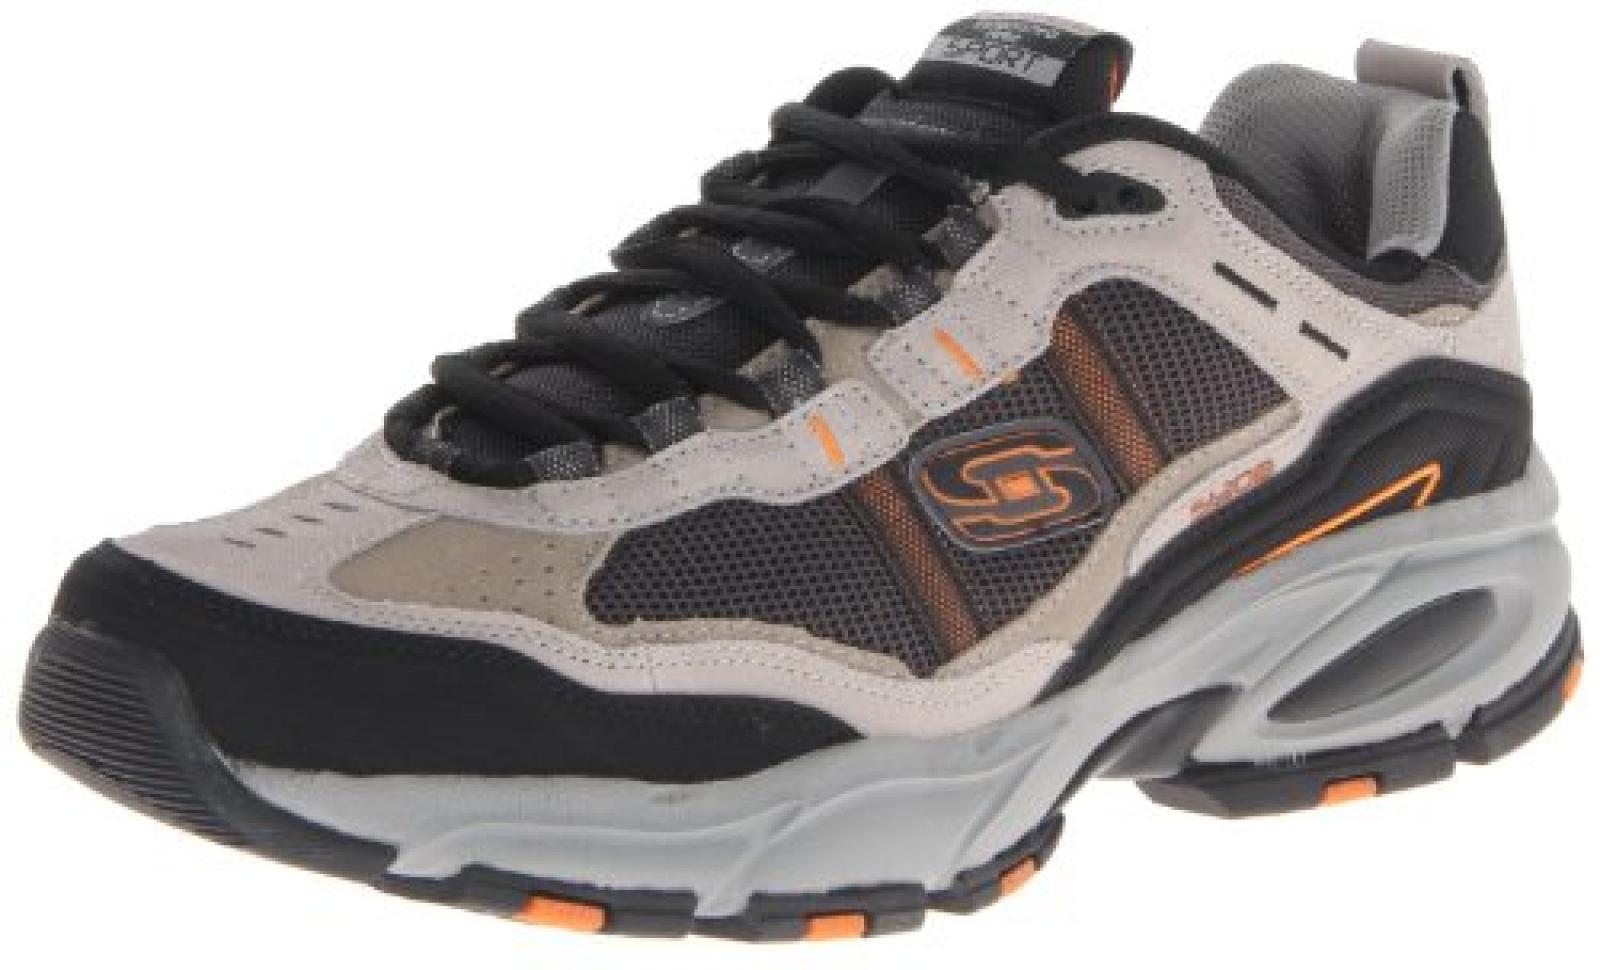 Skechers Vigor 2.0 Herren Sneakers